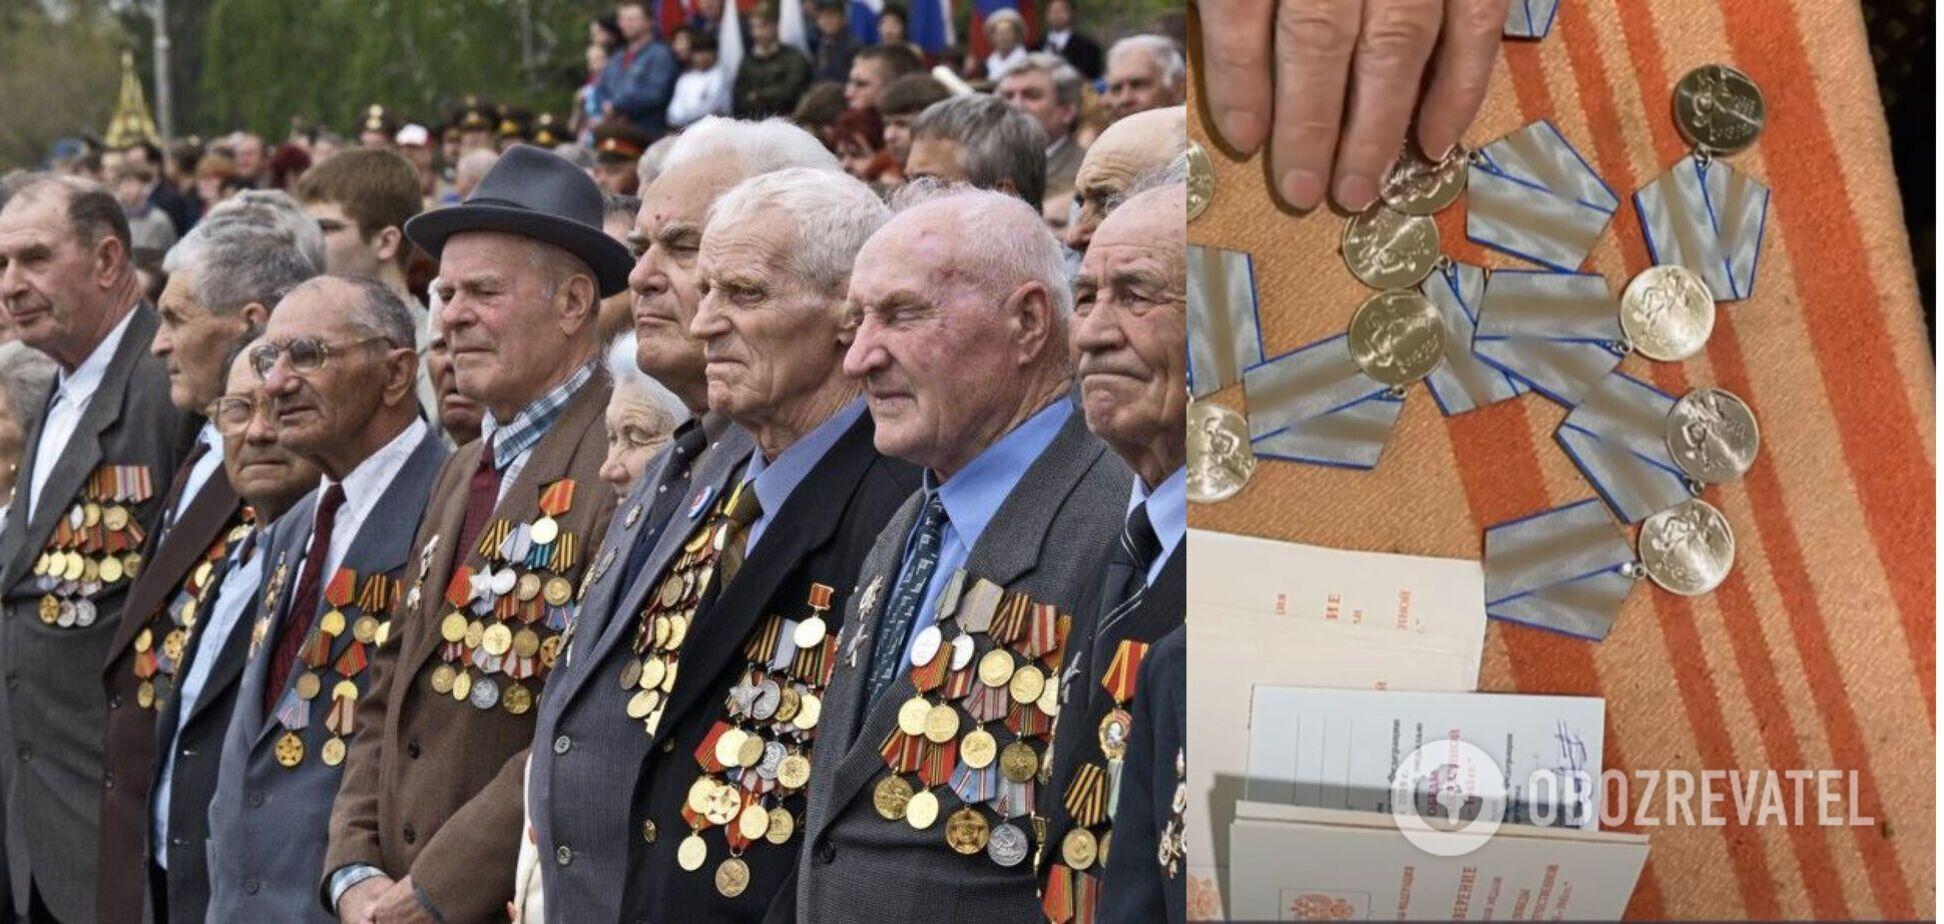 На Дніпропетровщині ветеранам роздали медалі від Путіна. Фото та відео